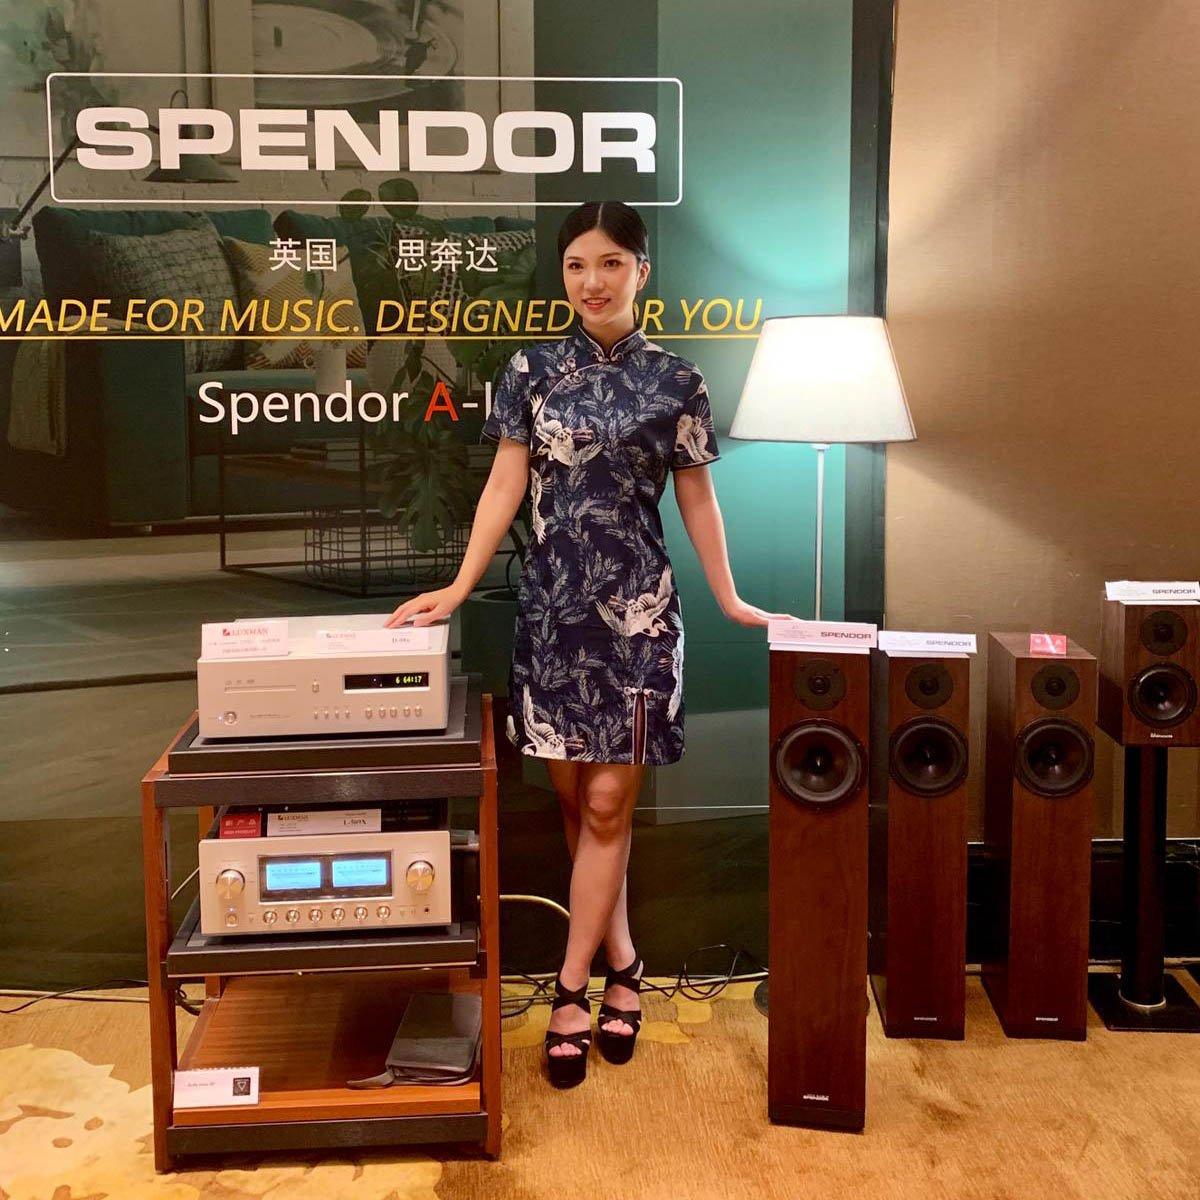 Spendor Audio (@spendoraudio) | Twitter